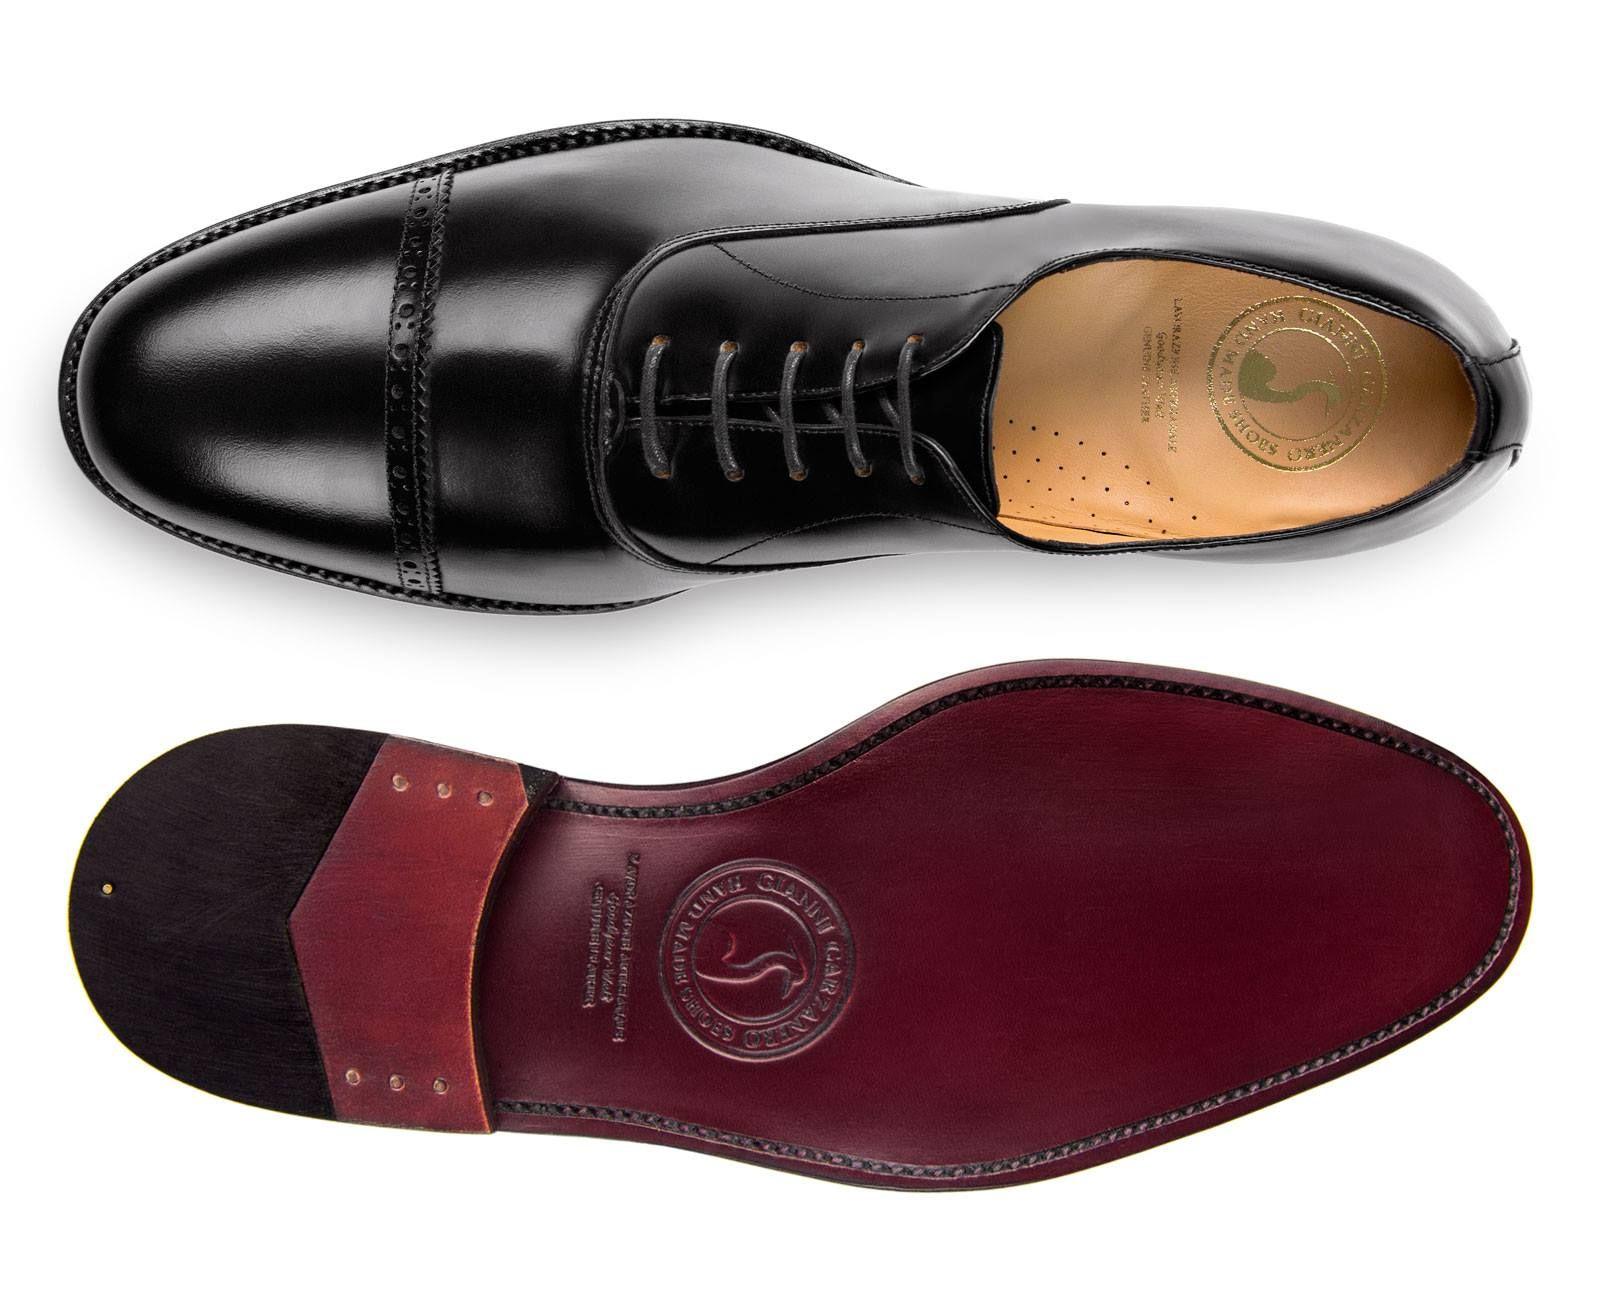 da0327911b Nuestros clientes lo saben y eligen lo mejor. Zapatos de estilo Oxford en  color negro